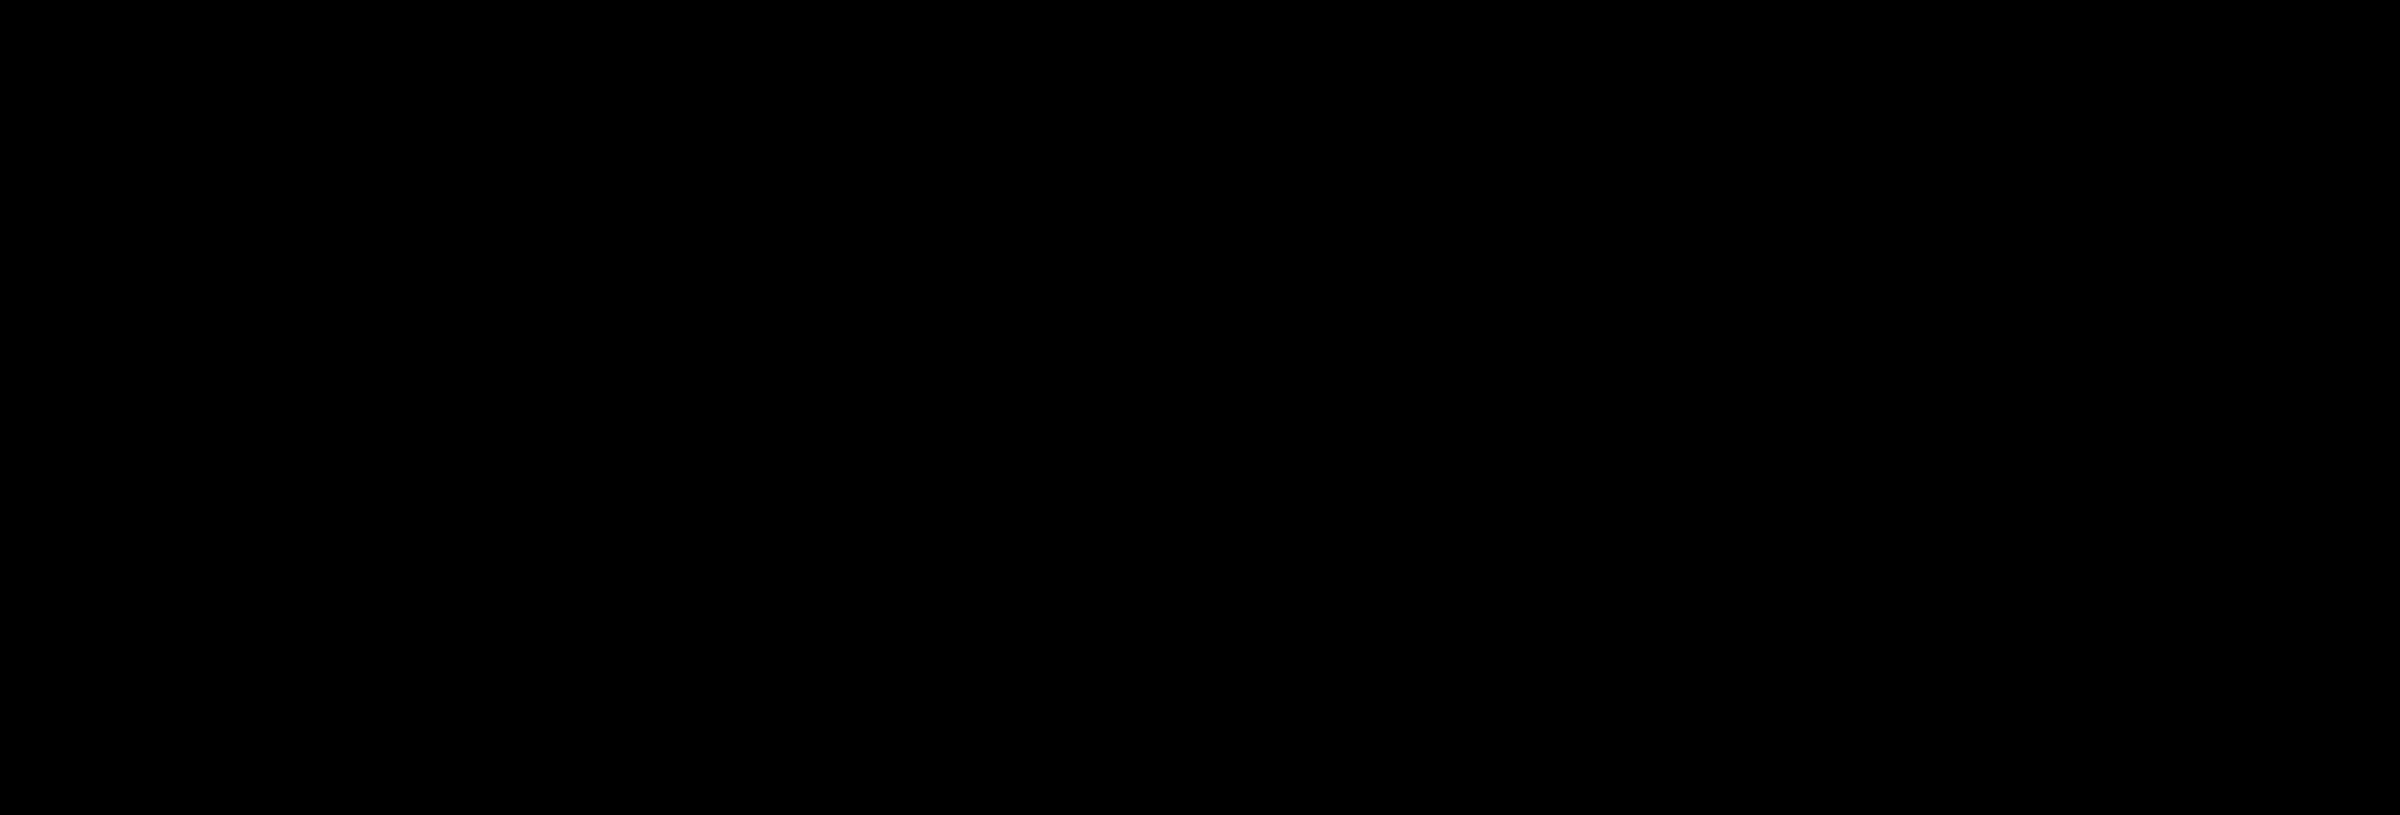 2400x815 Silhouette Clipart Car